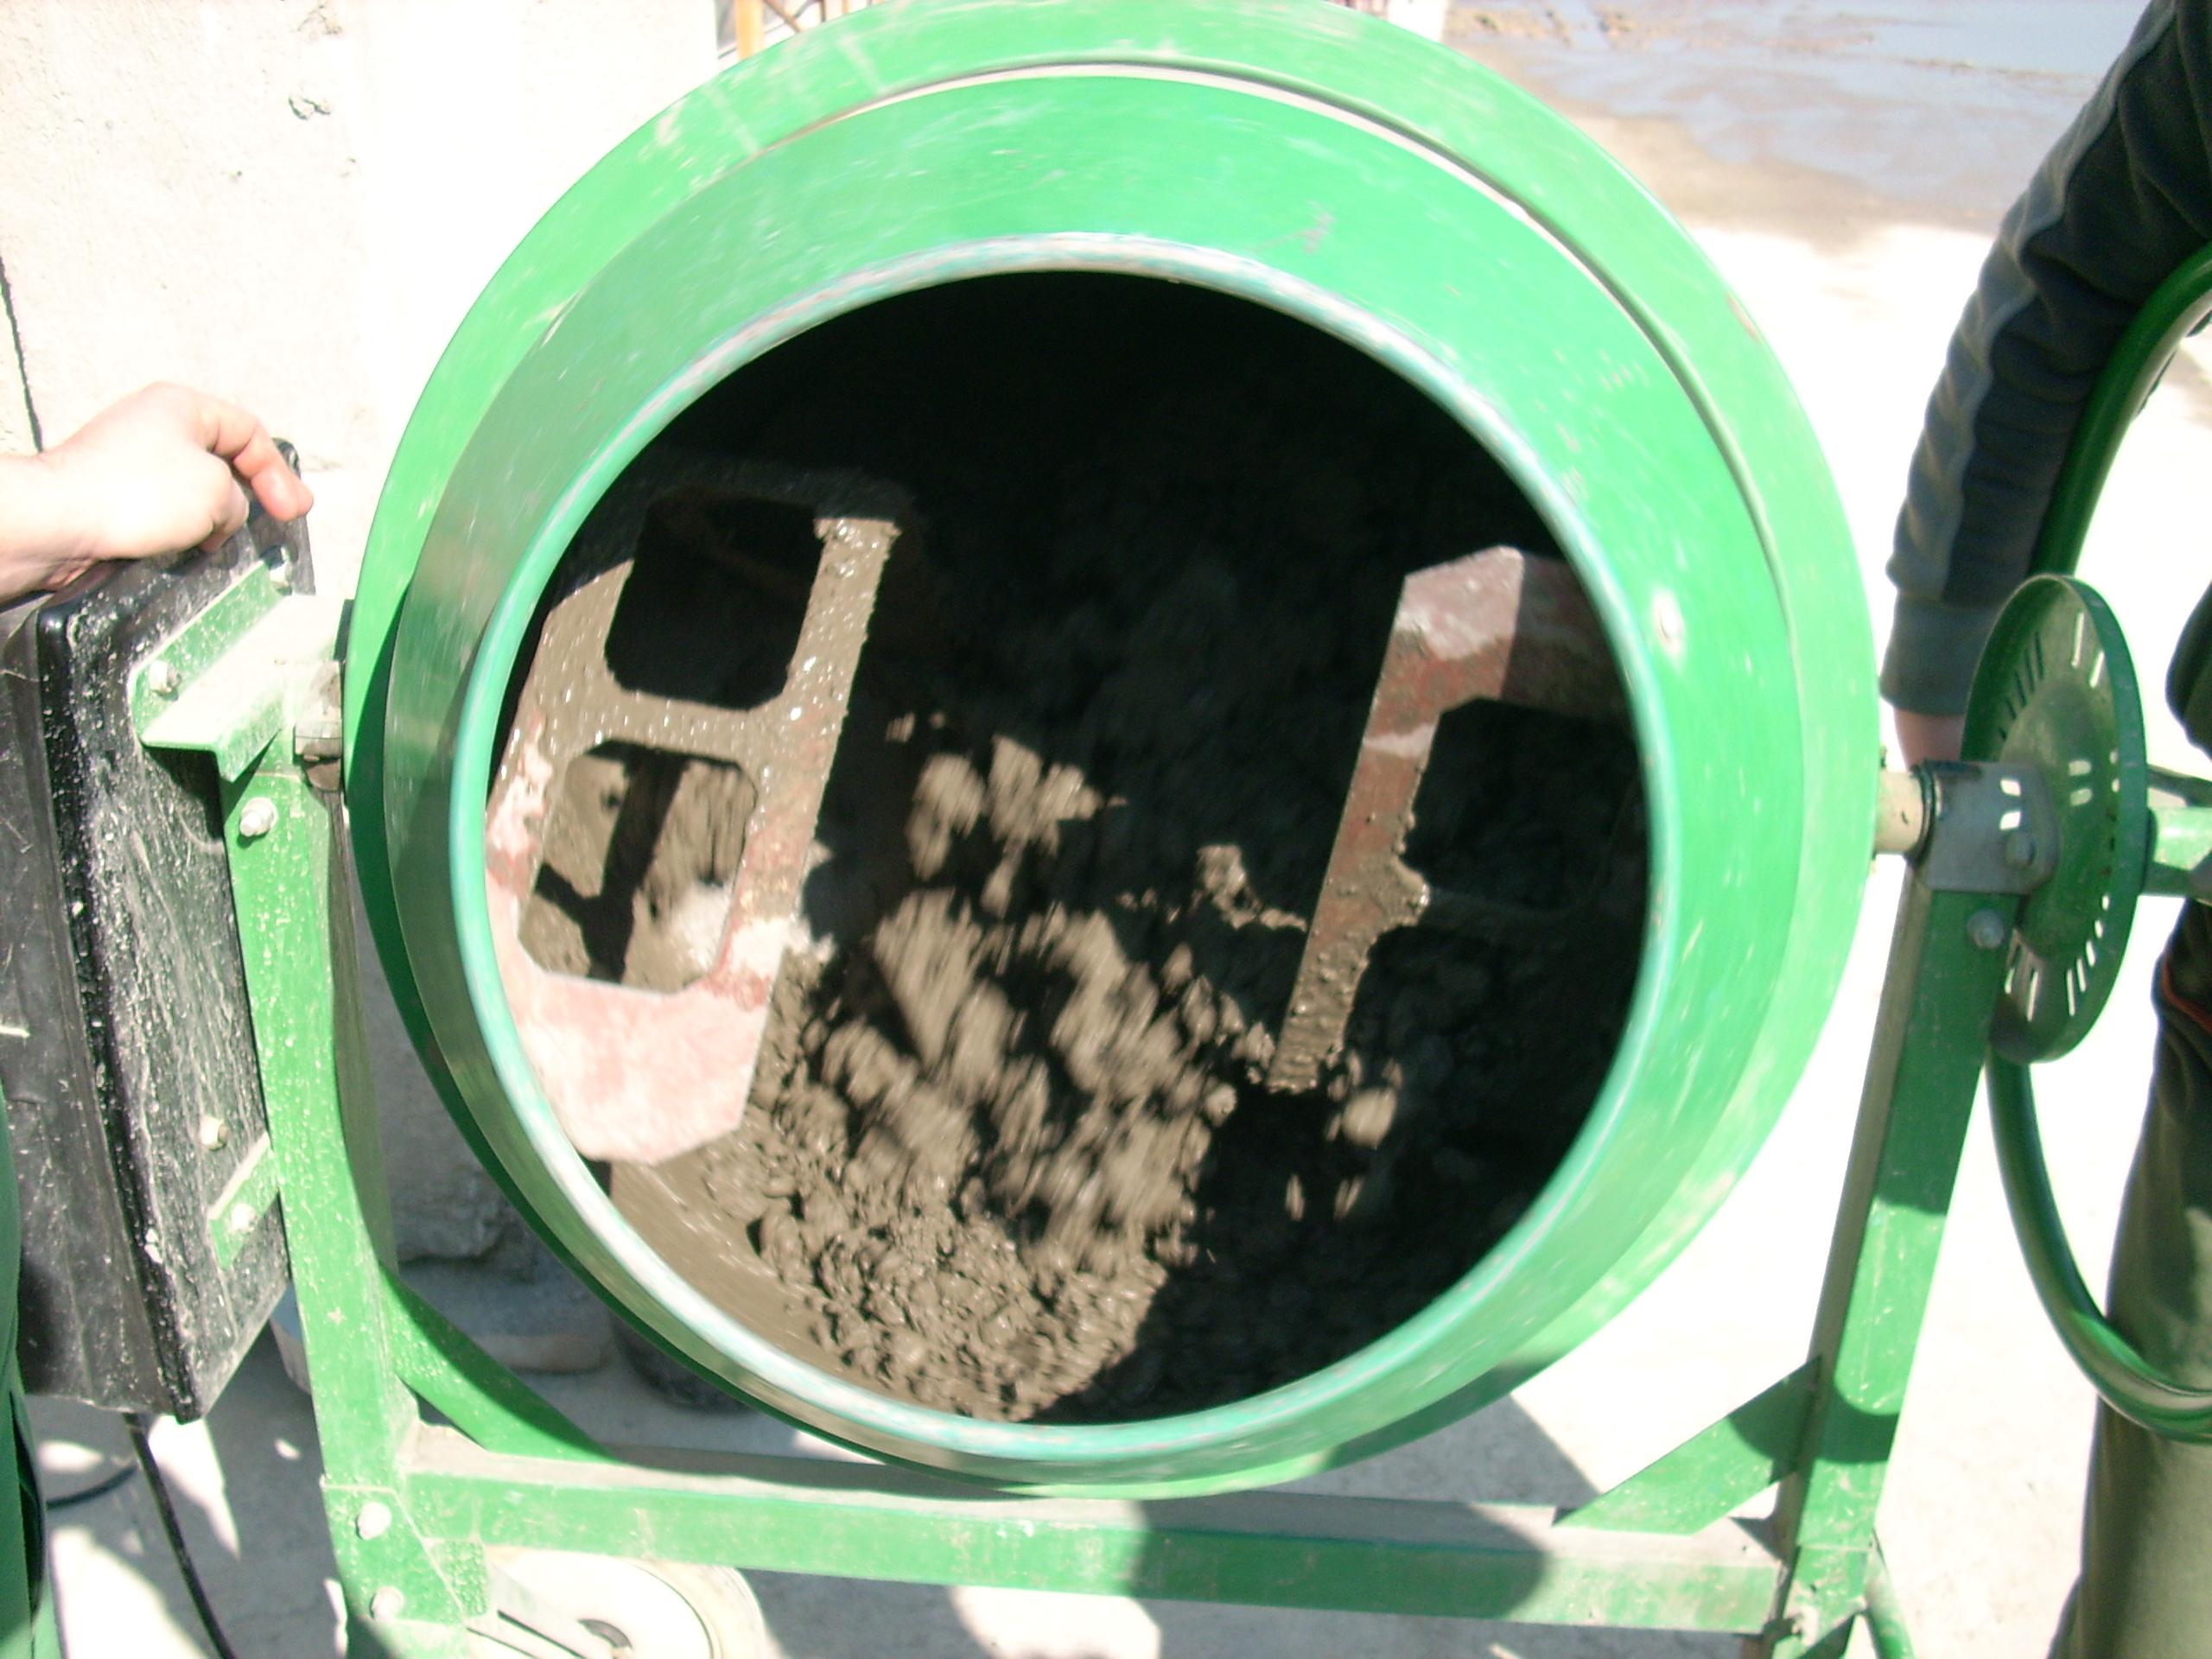 Prepararea betonului hidroizolat in toata masa UNICO PROFIT - Poza 13